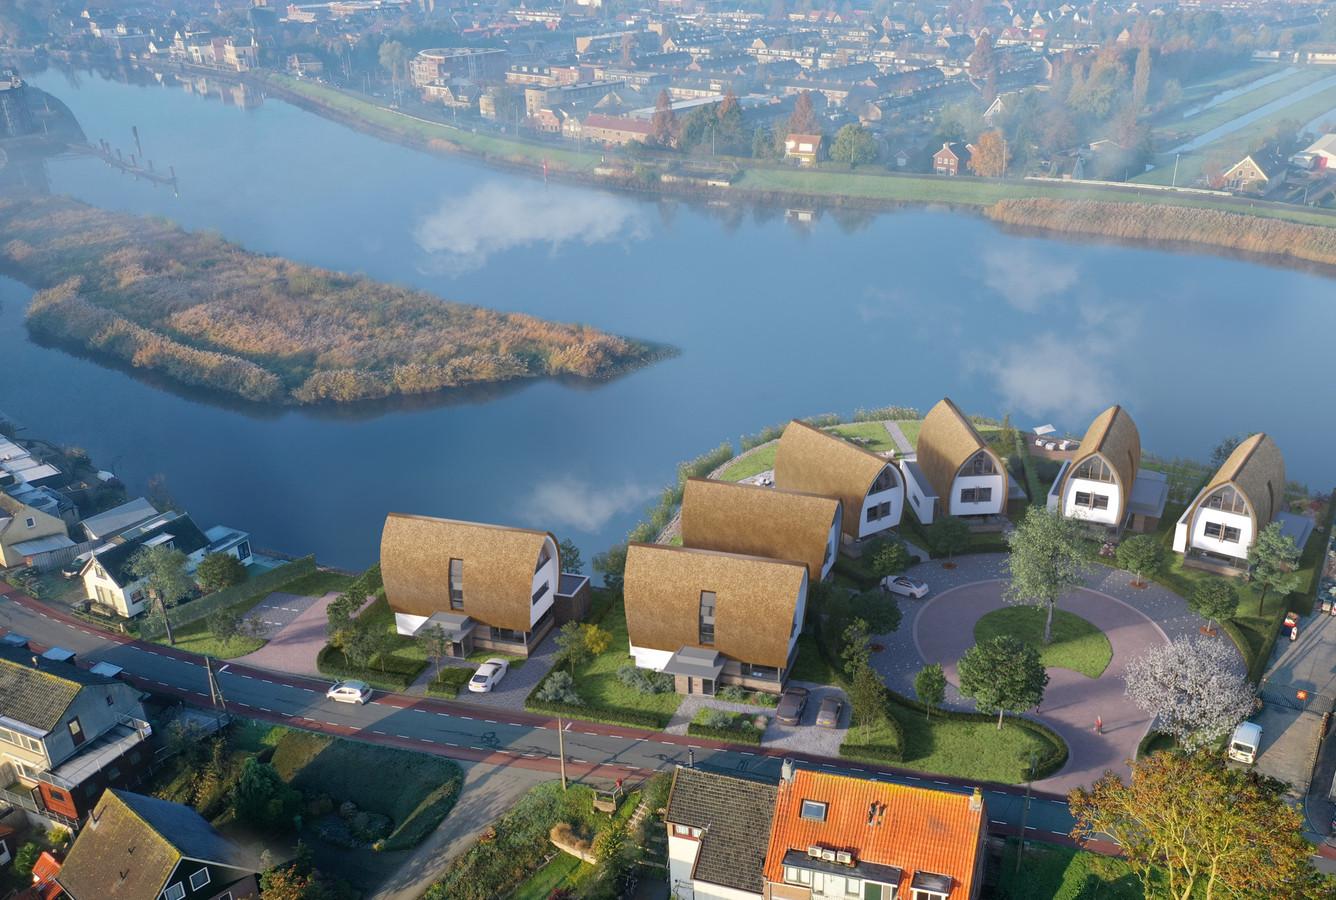 Artist's impression HoogTij vanuit de lucht. Het doet wel wat denken aan her dorpje van Asterix en Obelix.